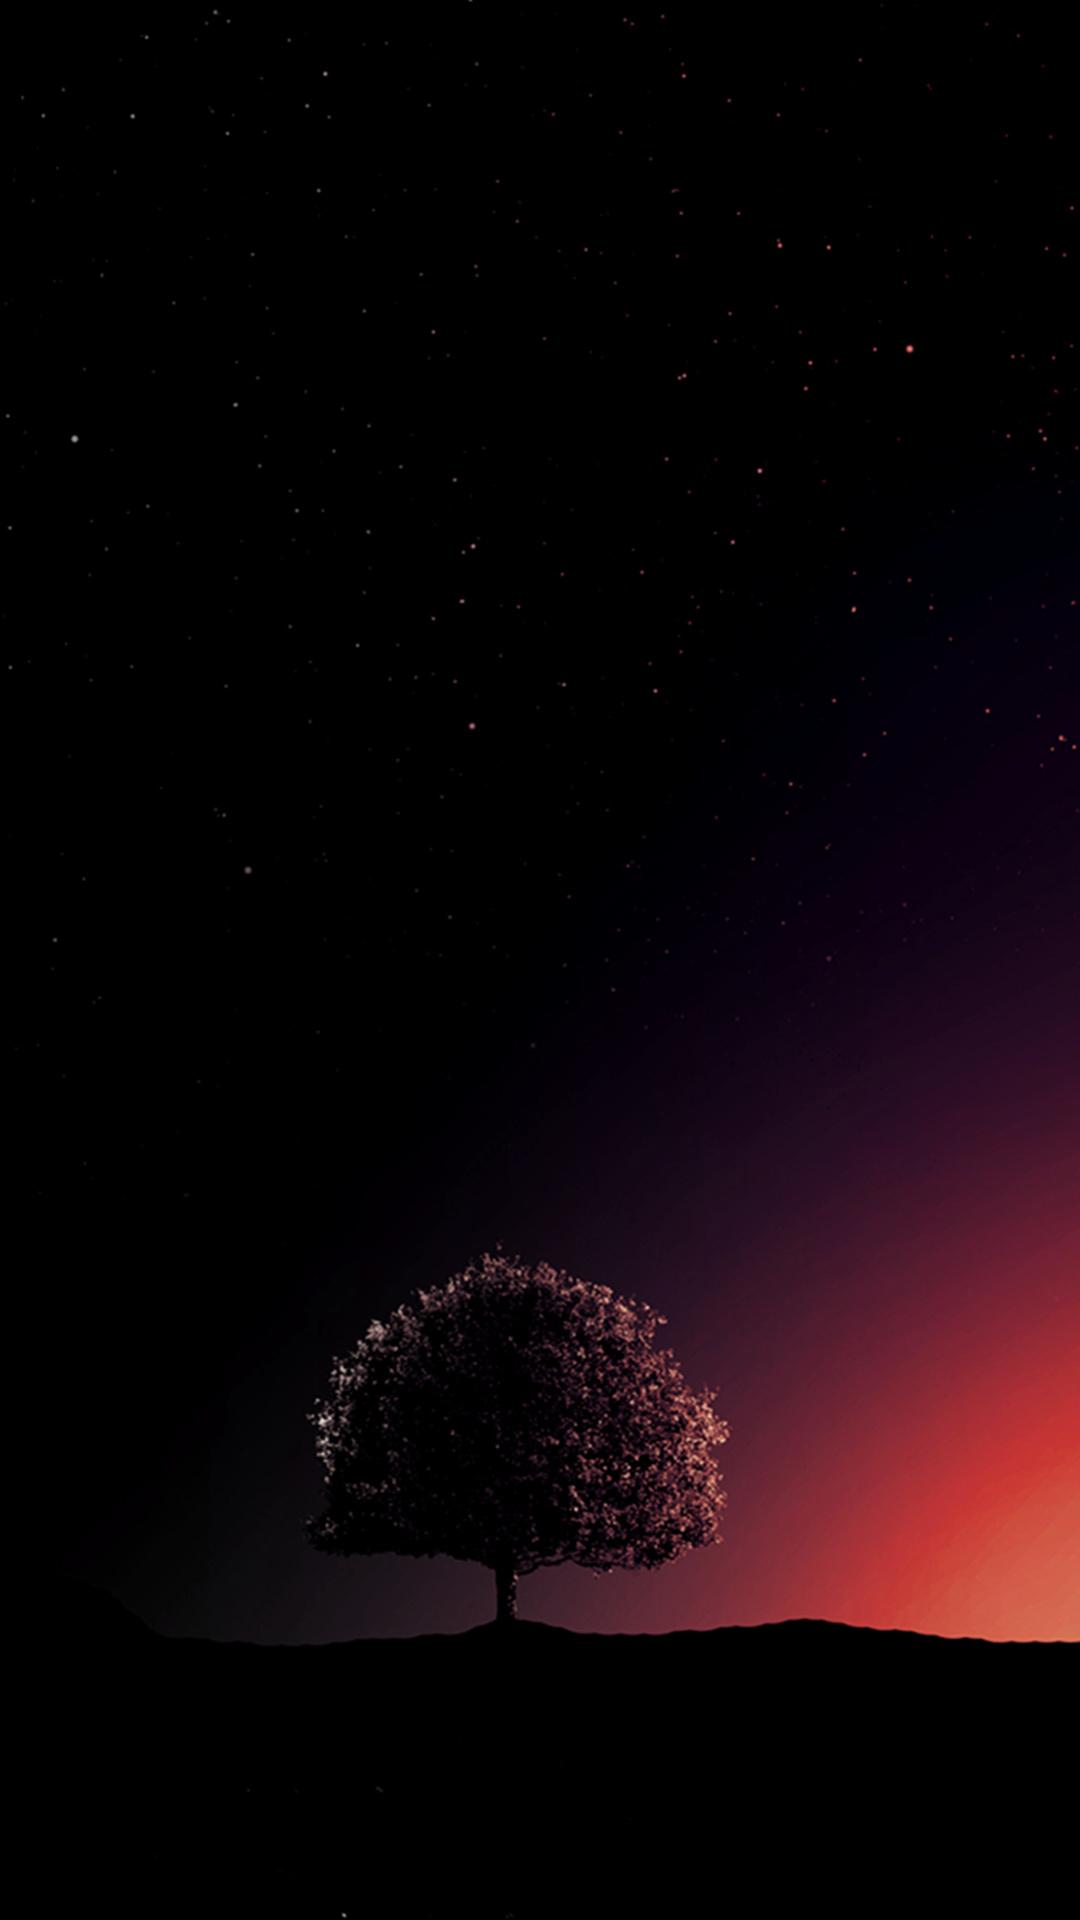 Hình nền thiên nhiên tối cho điện thoại